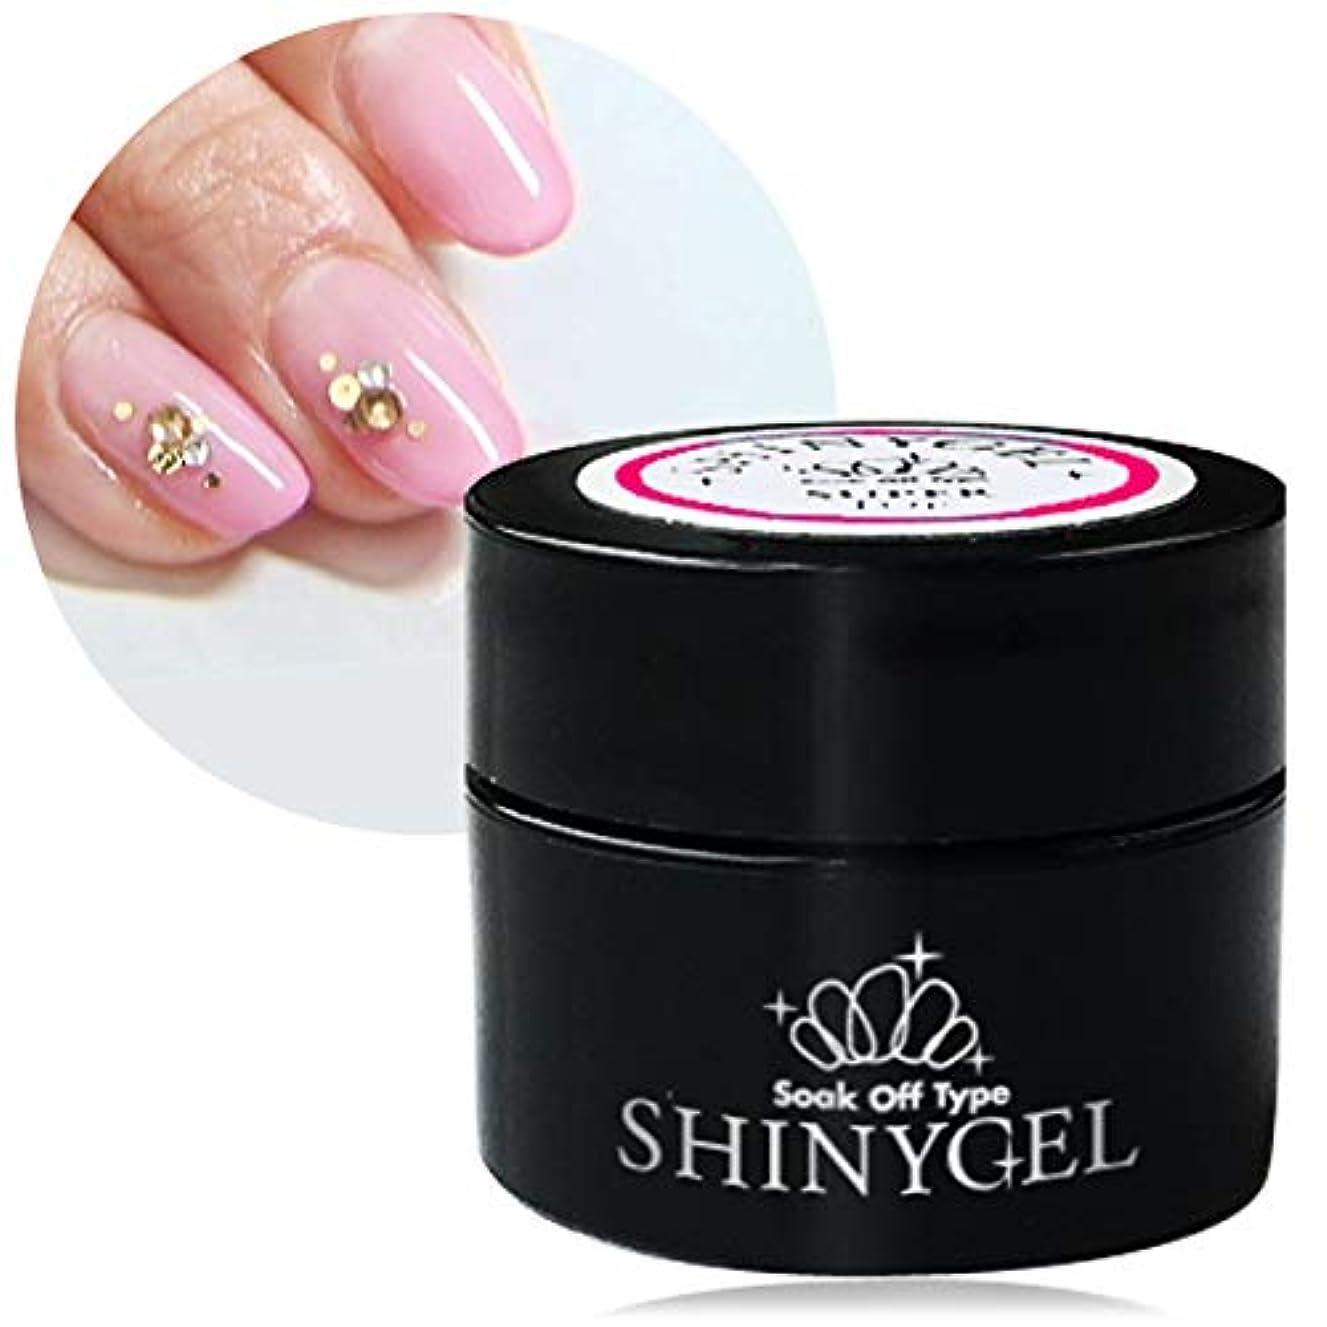 見積り警官生き残ります[UV/LED対応○] SHINYGEL シャイニージェル スーパートップ/5g <セミハードタイプ>爪にやさしく 極上のツヤとうっとりする透明感 100%純国産原料使用